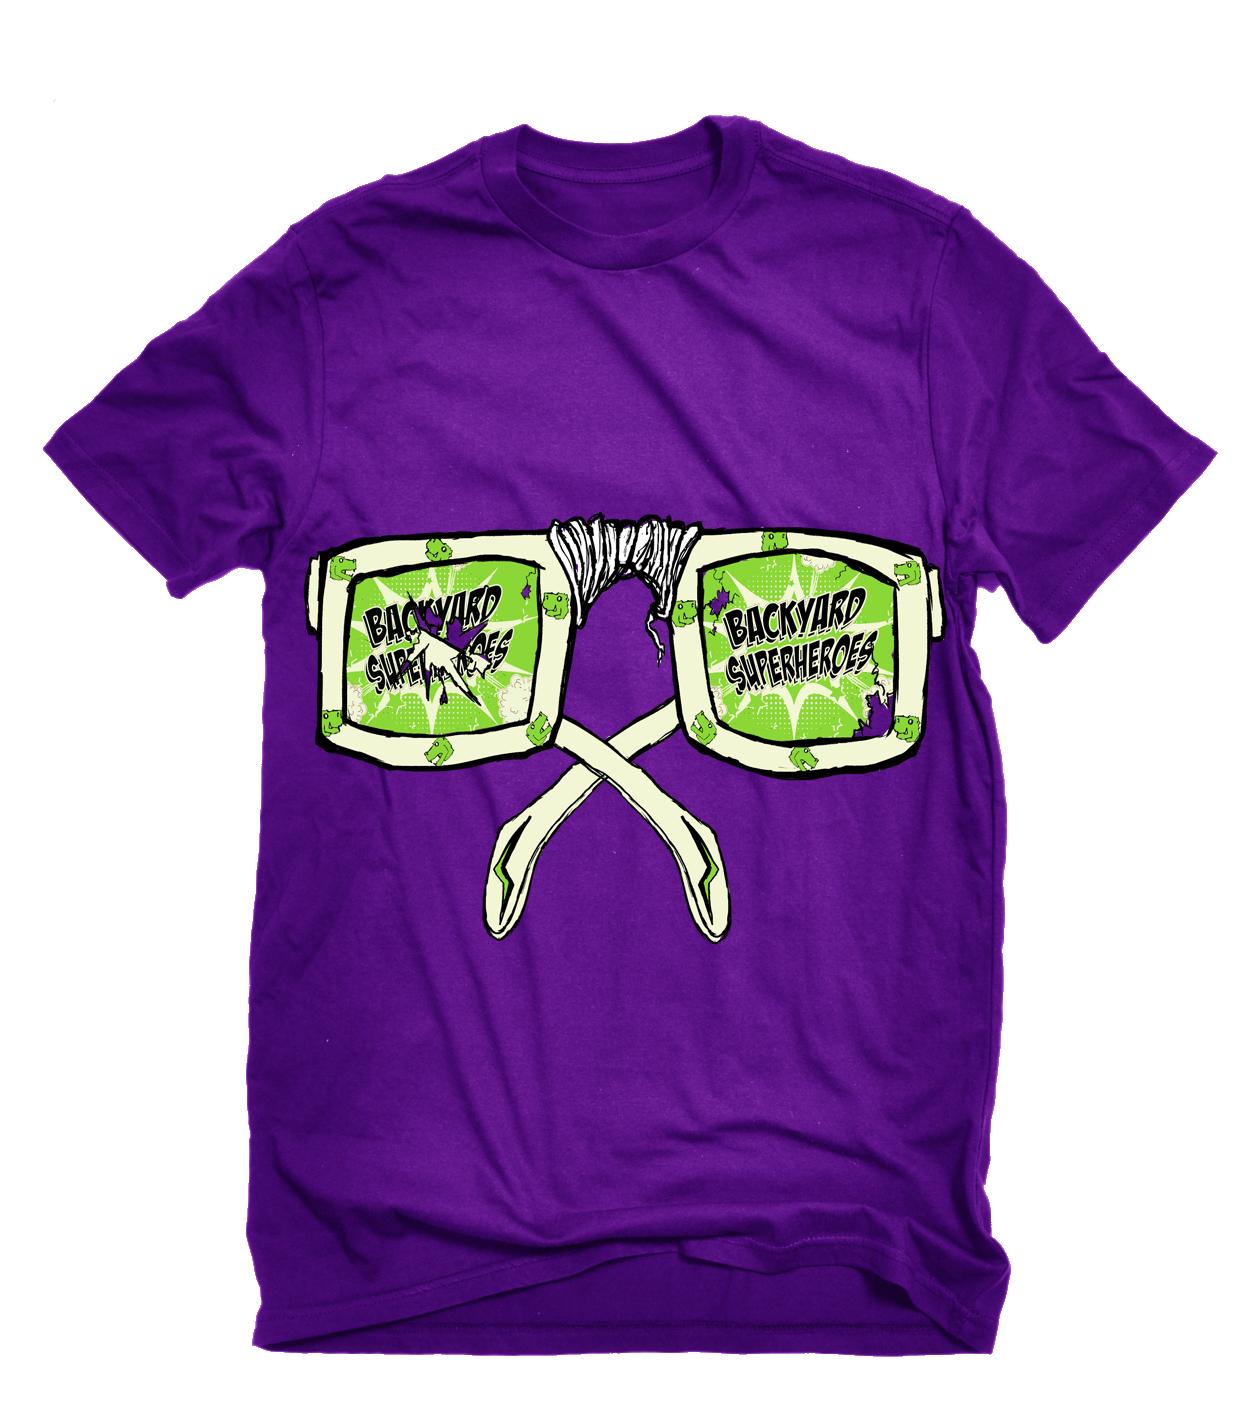 Nerd glass shirt 5.jpg